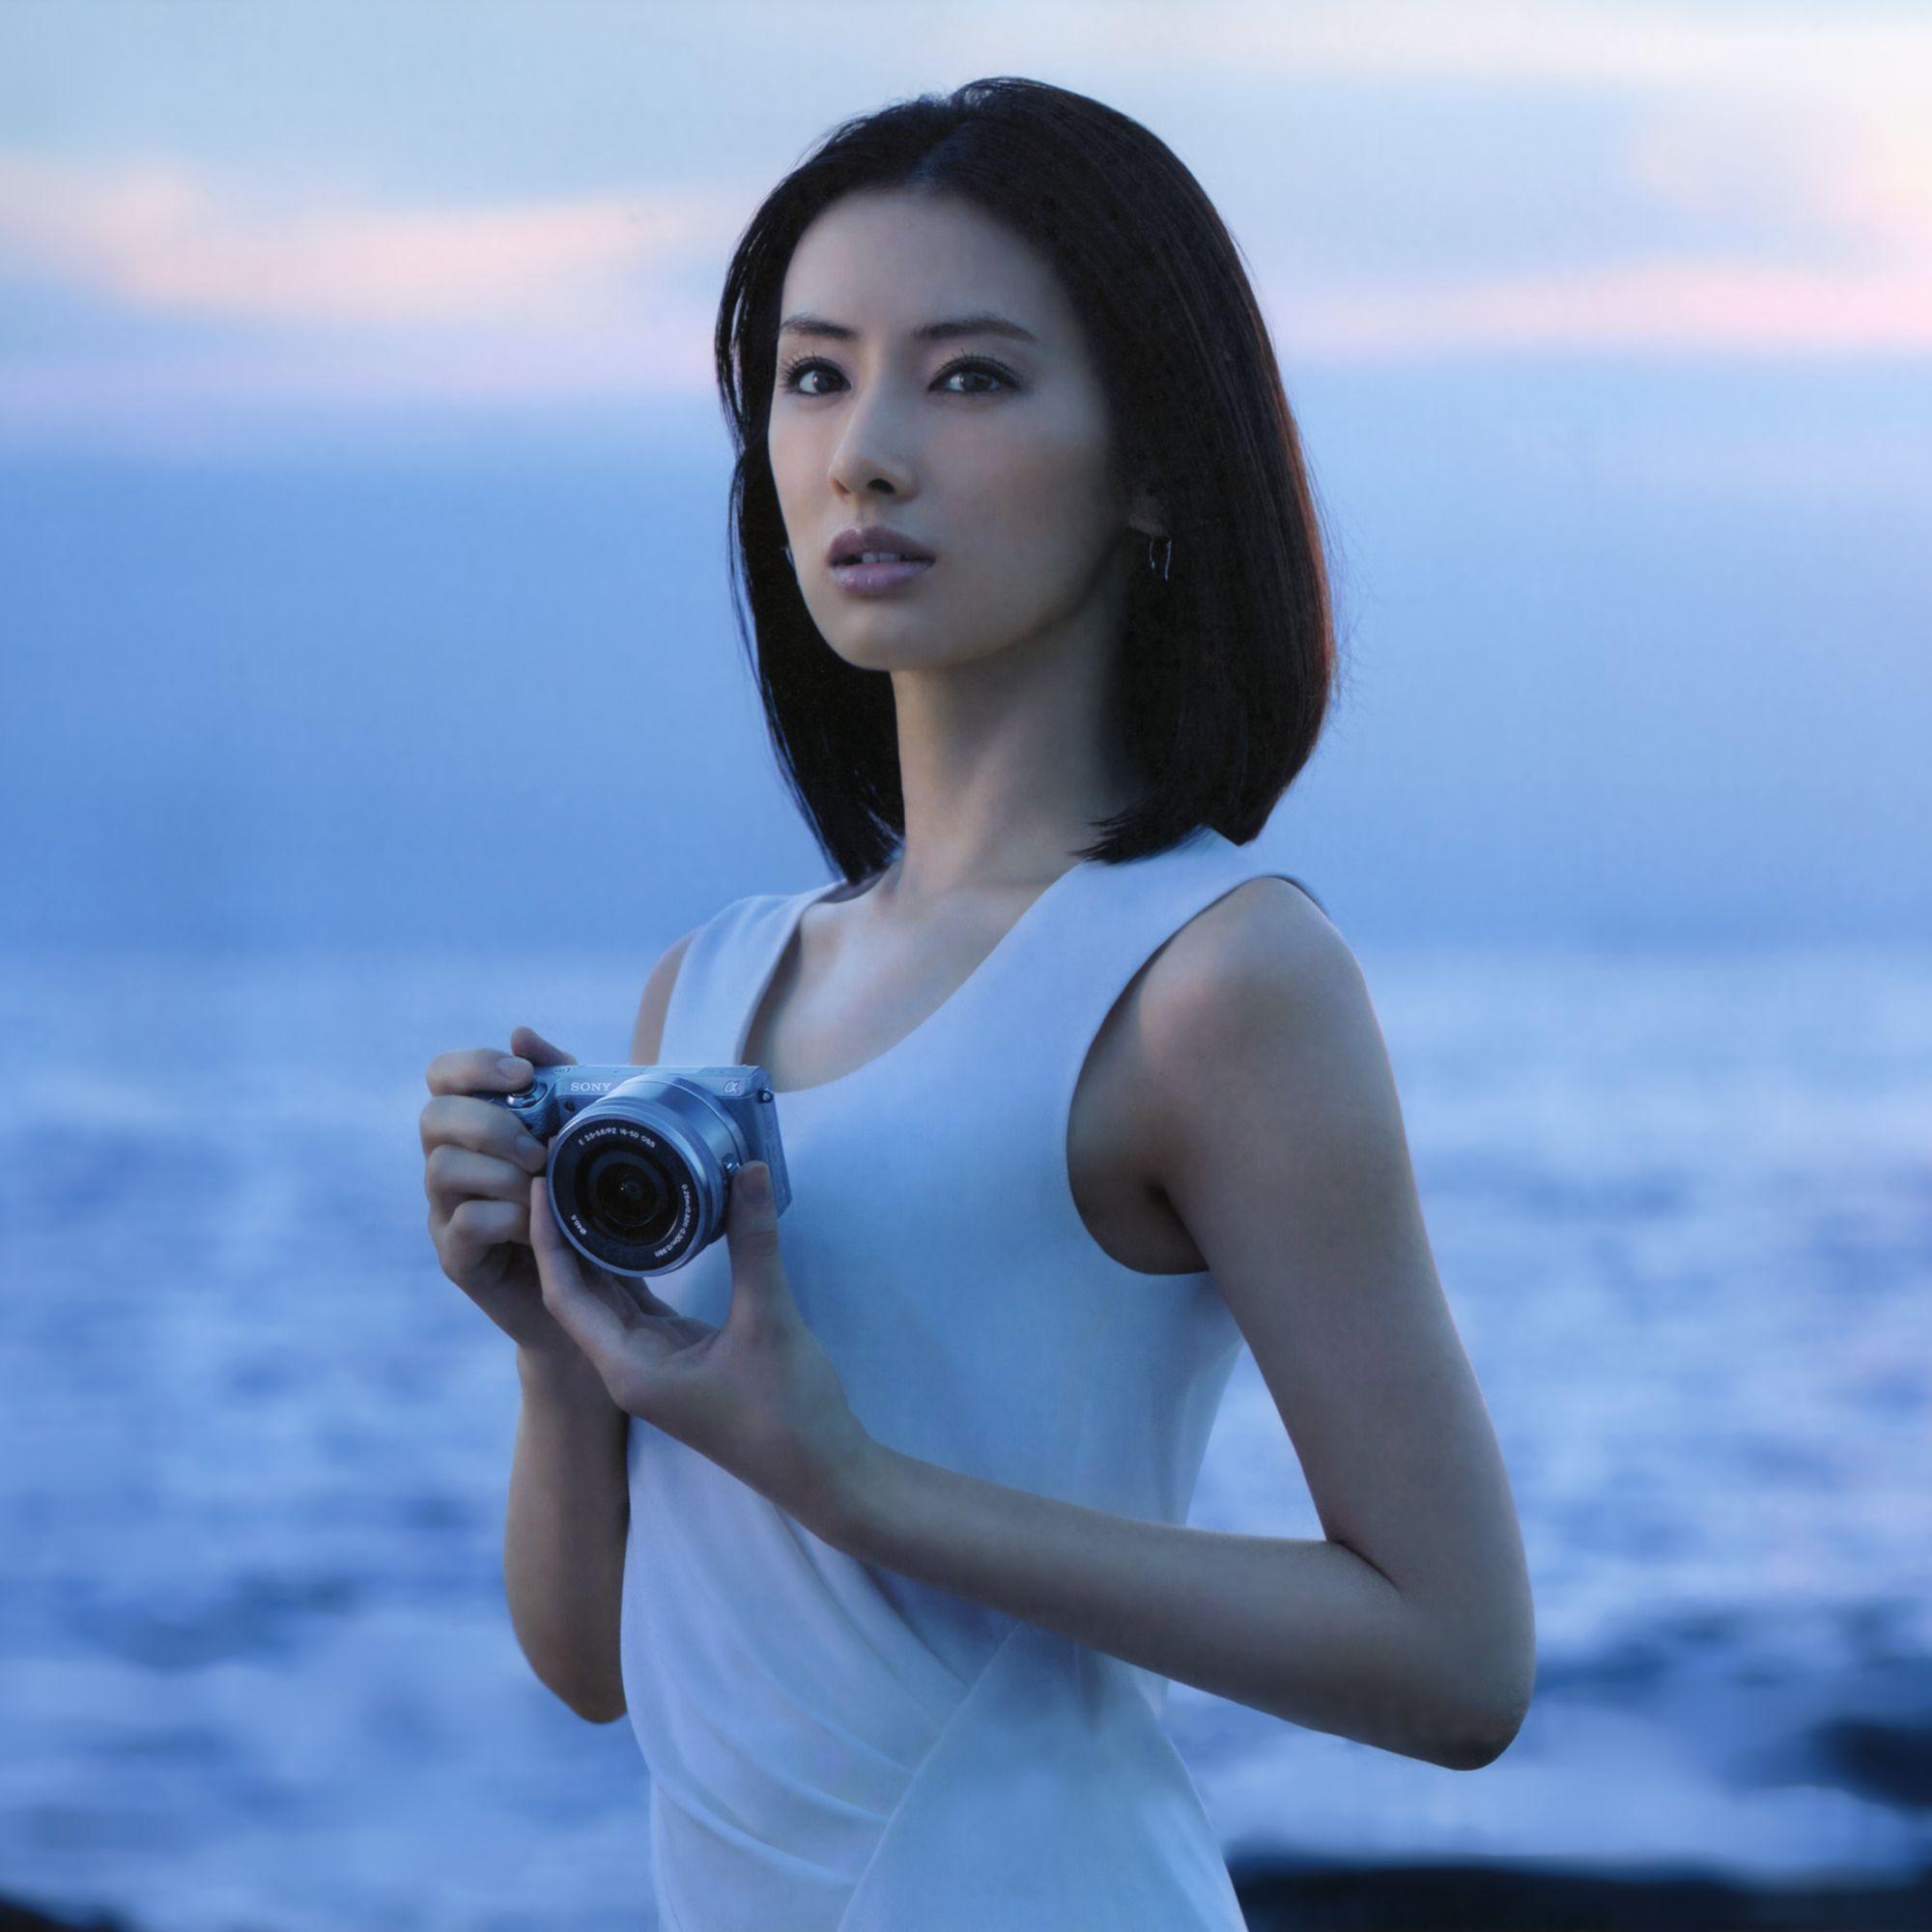 Keiko Kitagawa Nude Complete kitagawa keiko - google search | kitagawa keiko | pinterest